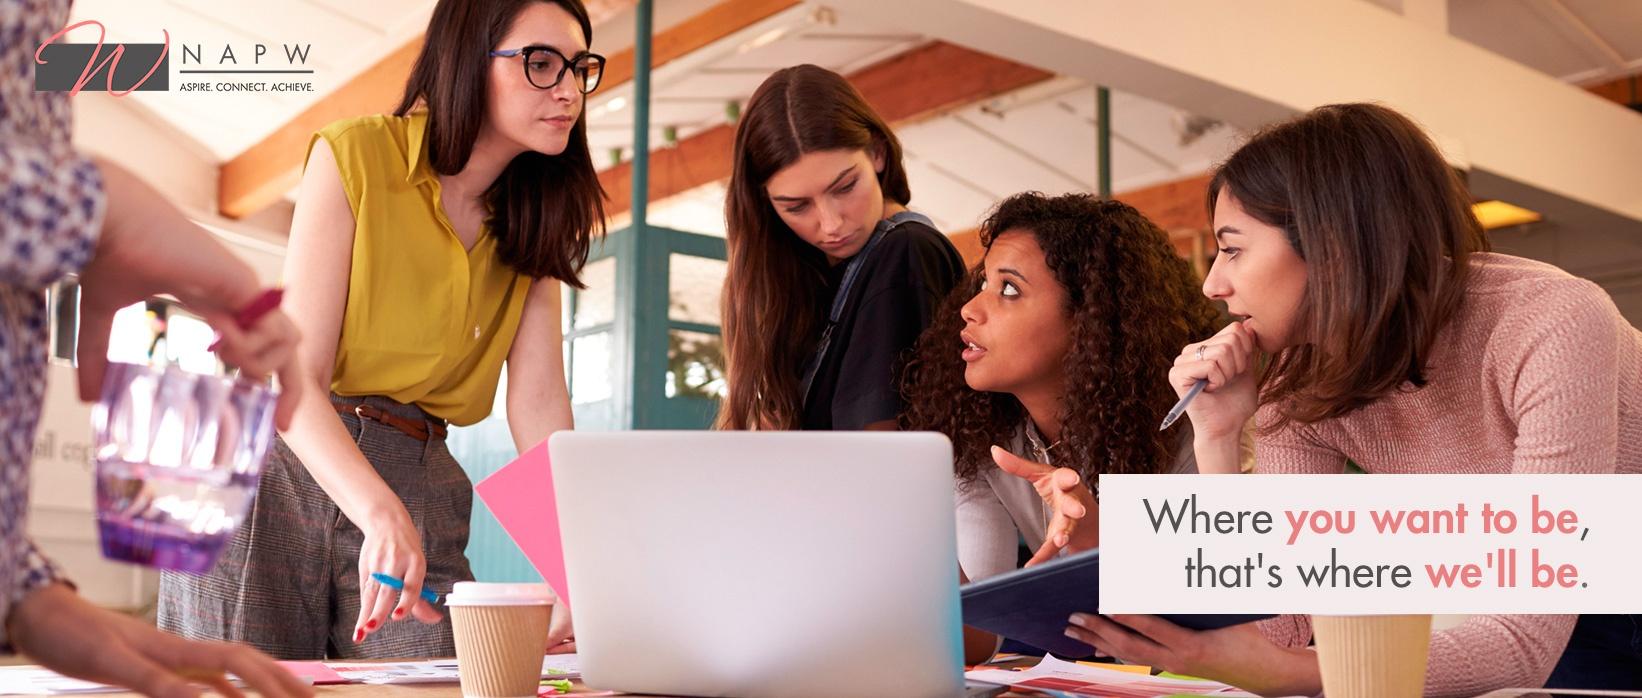 Virtual Workshop - APR 25